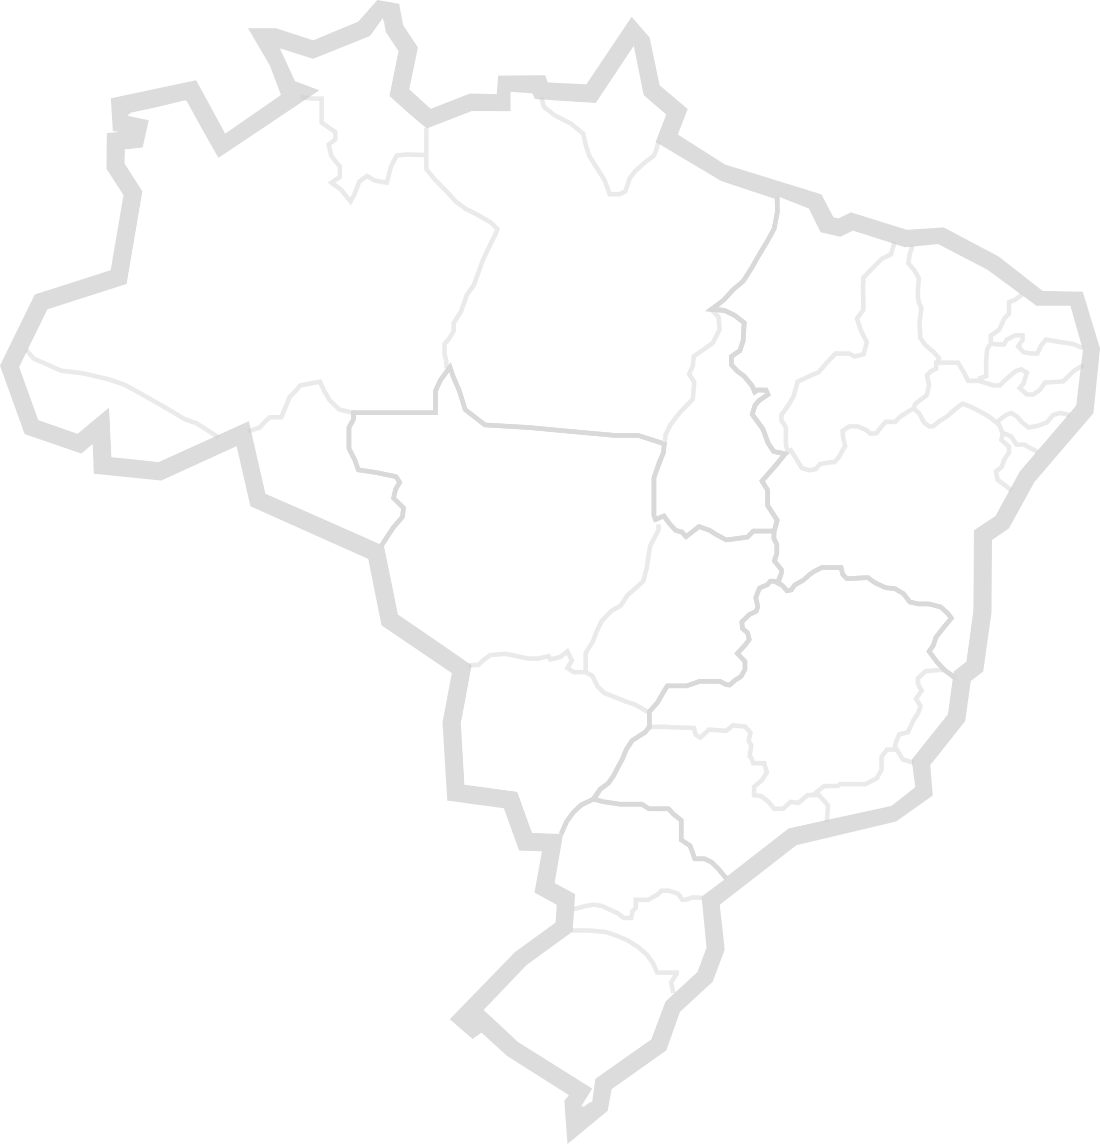 mapa-brasil-em-branco-3